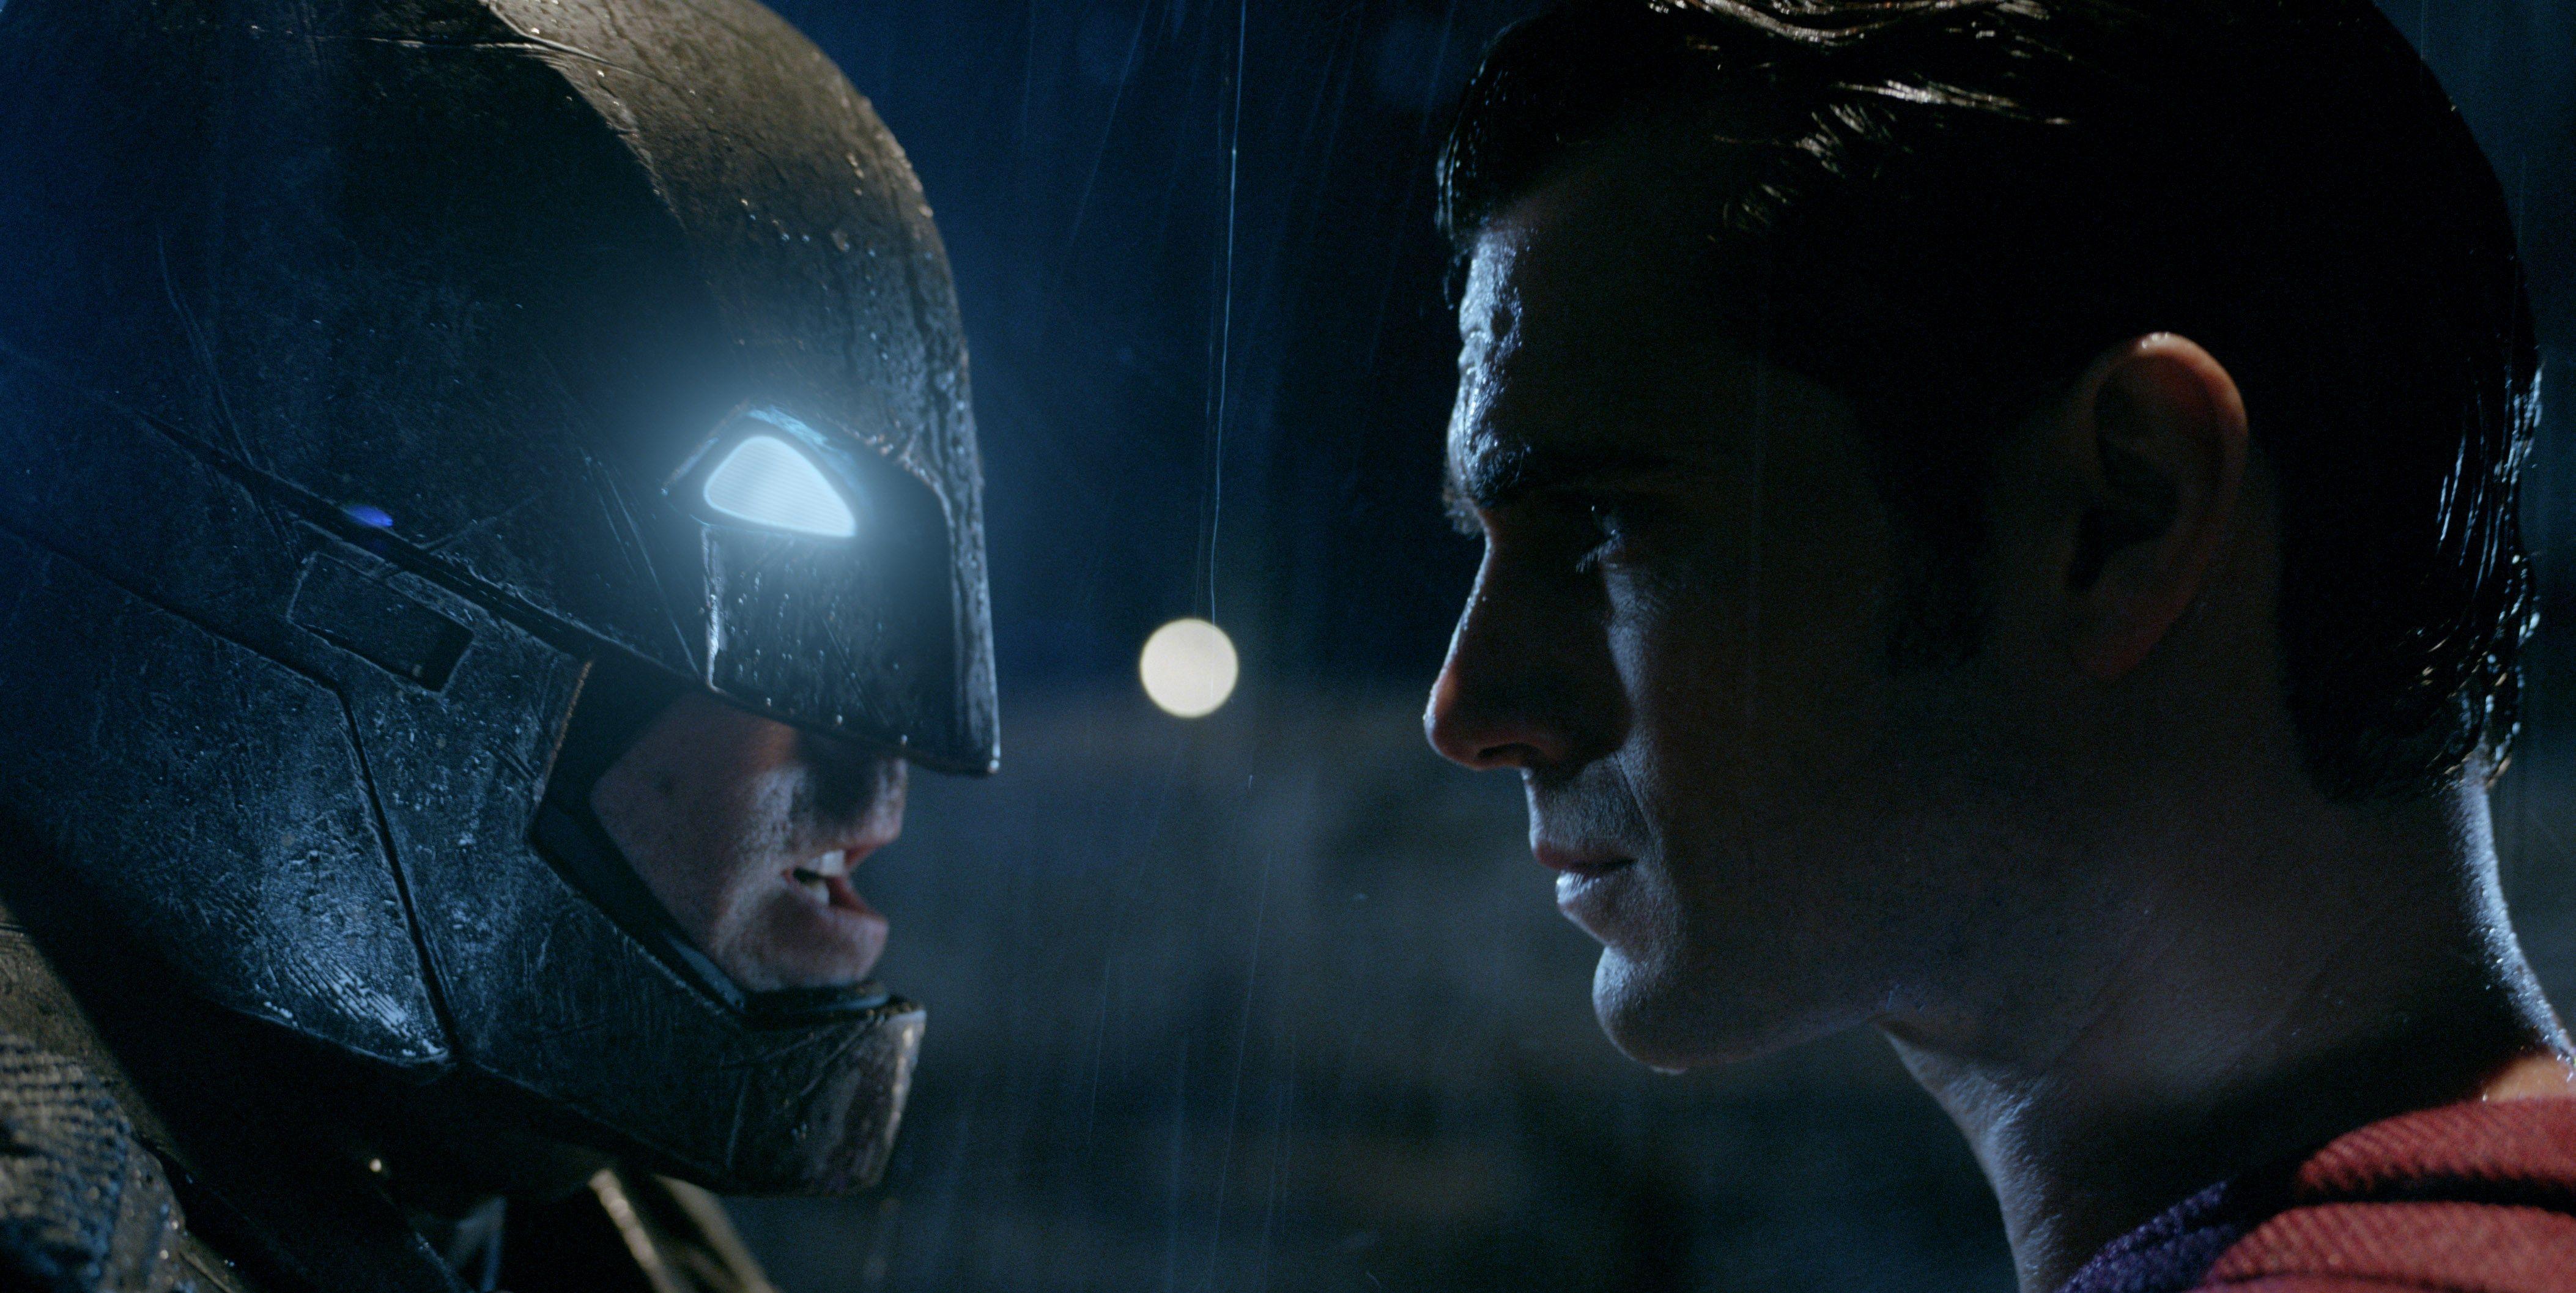 4k Wallpaper Batman V Superman Dawn Of Justice 4212x2114